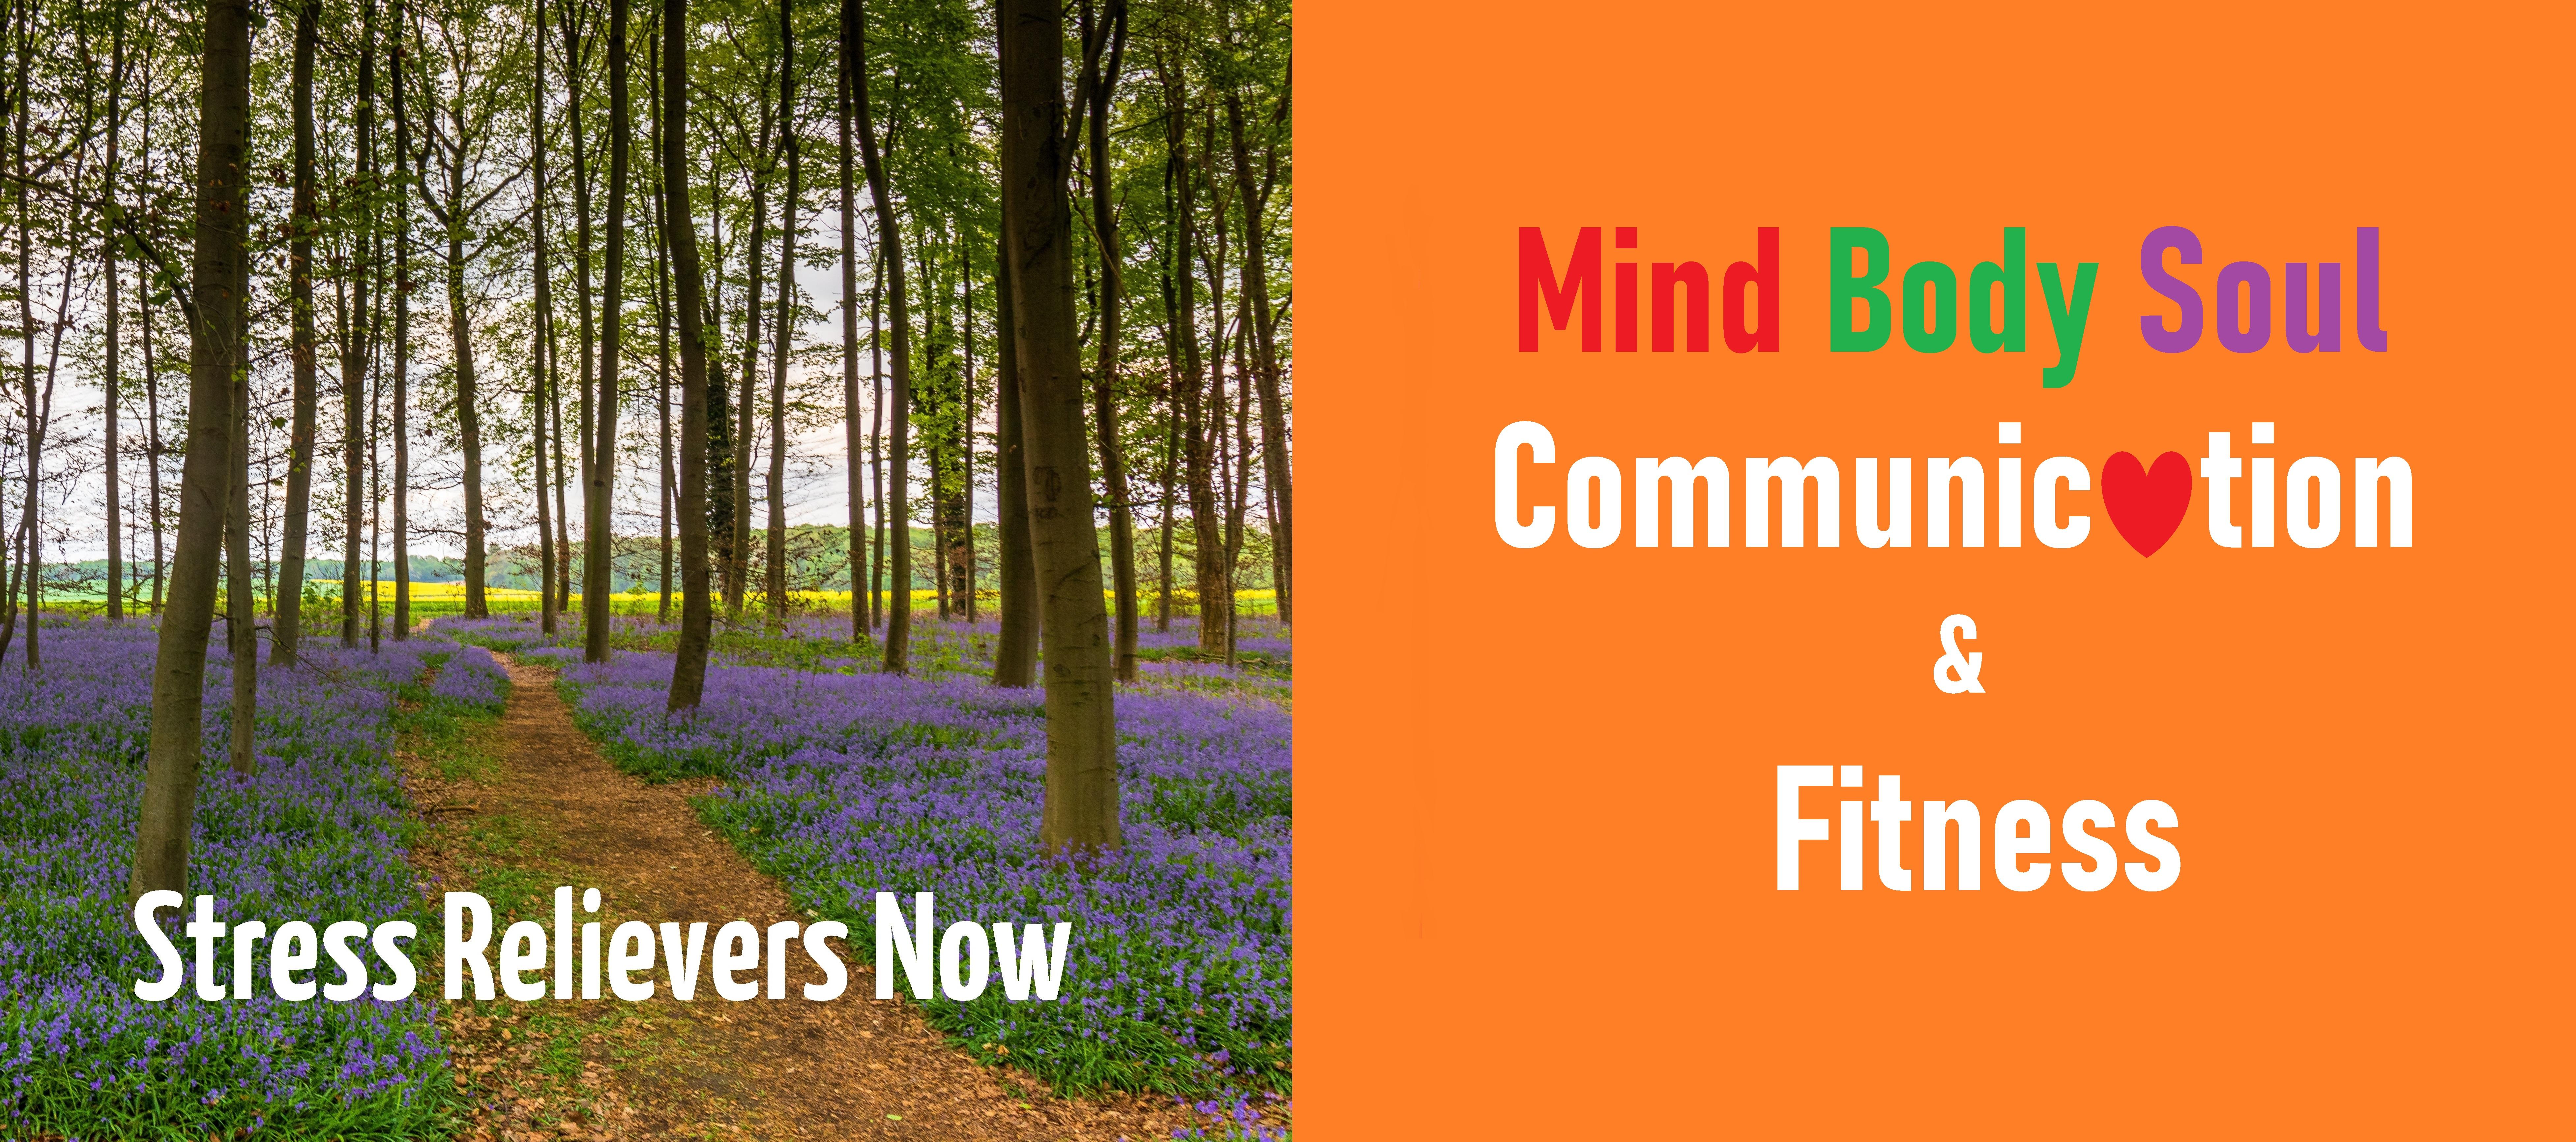 Mind-Body-Soul Communication & Fitness